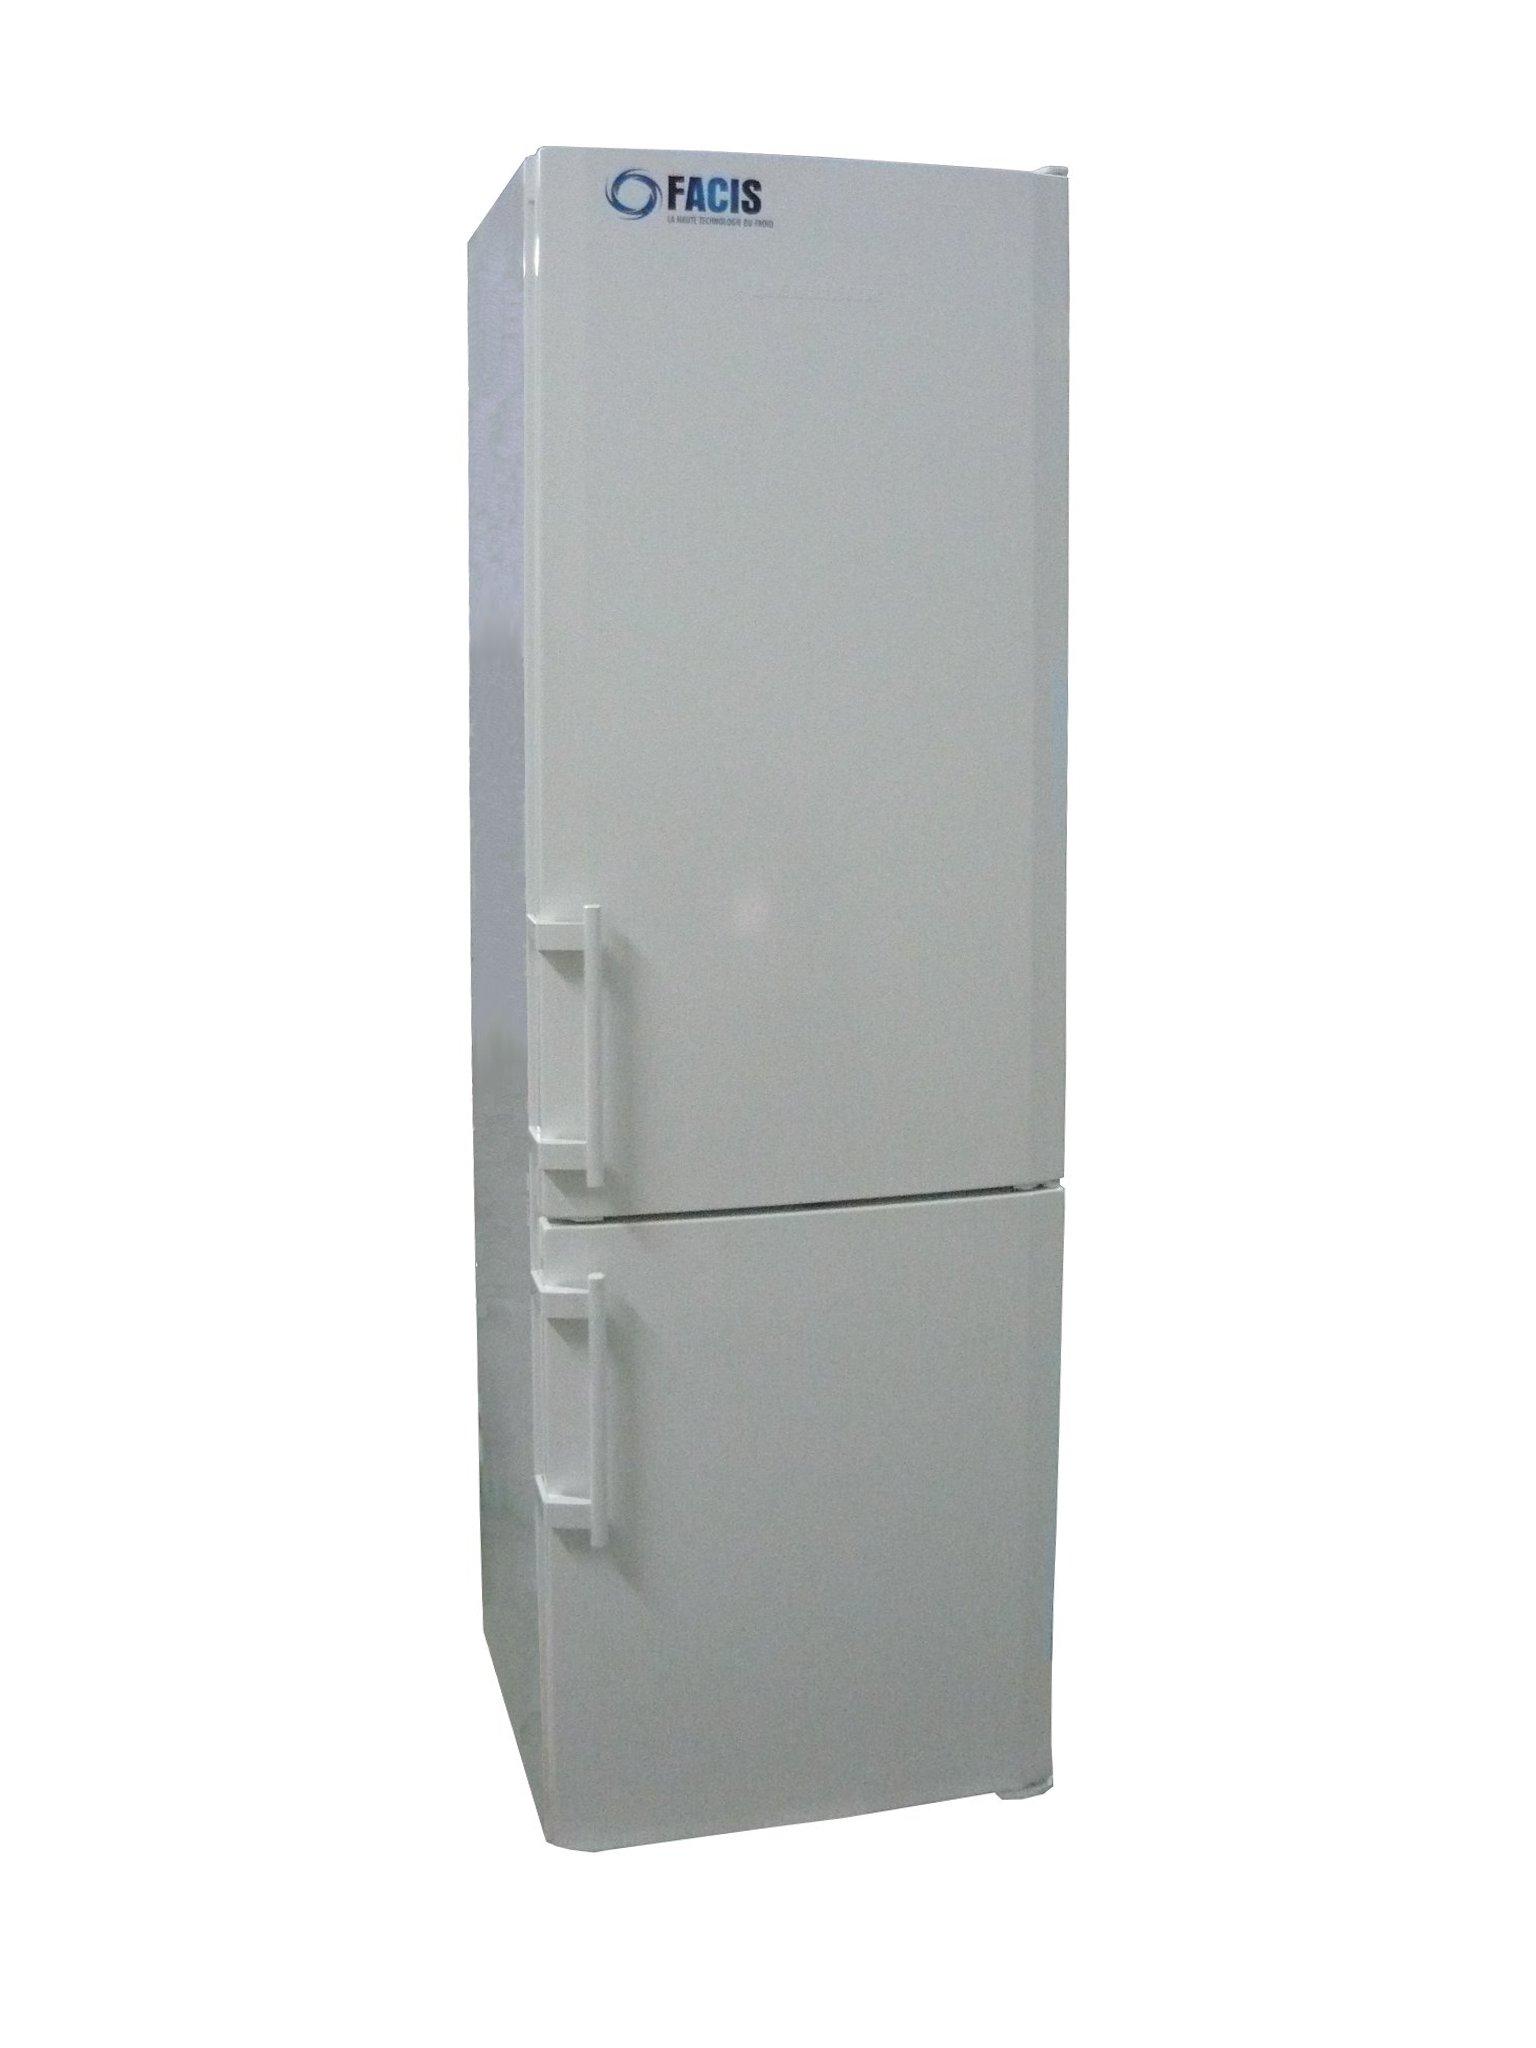 Réfrigérateur duo / congélateur facis +3°c / -20°c